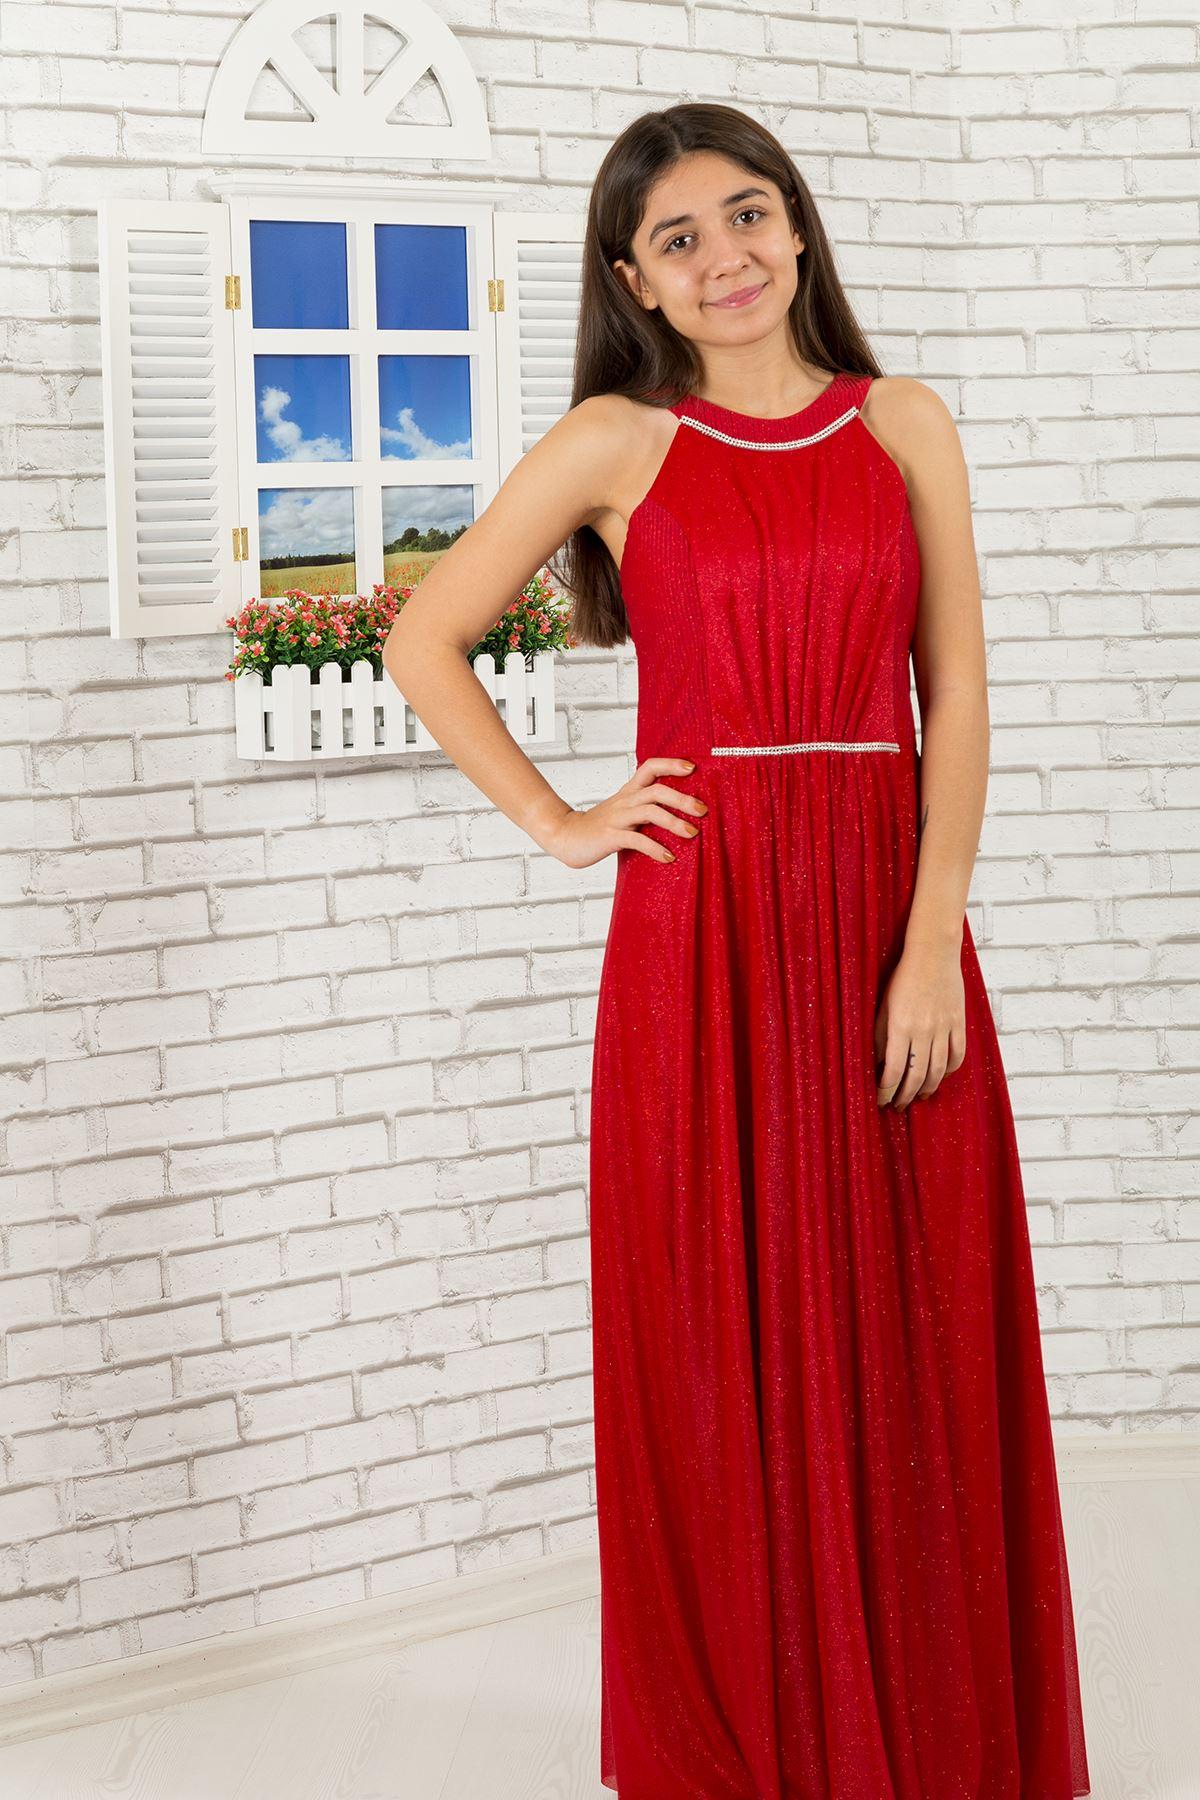 Bel ve boyun detaylı, simli şifon Kız Çocuk Abiye Elbise 472 Kırmızı